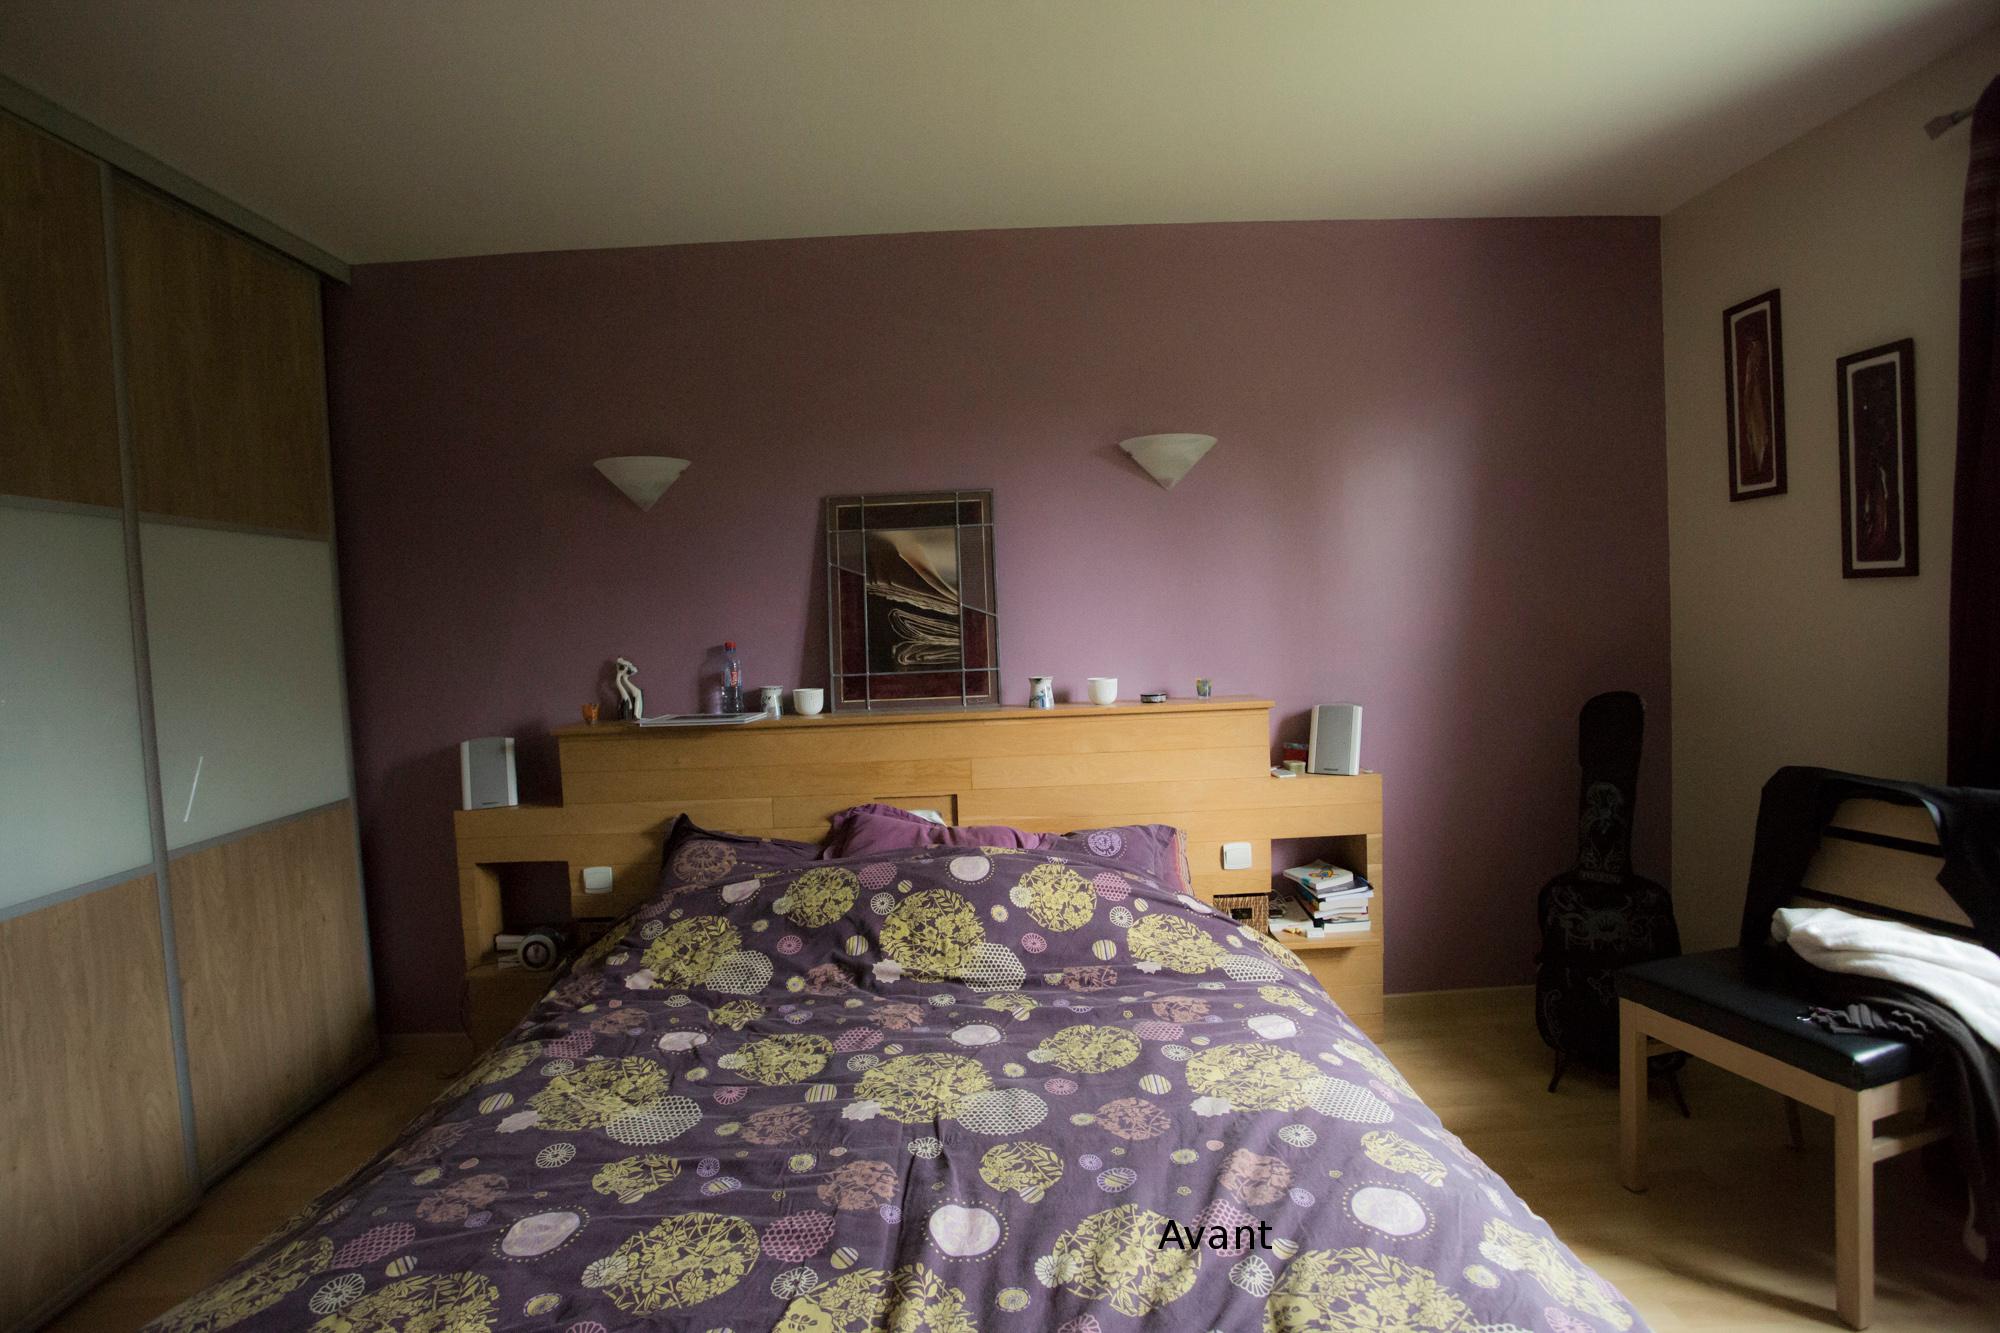 d coration d 39 une chambre for t scandinave d corescence d coratrice ufdi. Black Bedroom Furniture Sets. Home Design Ideas